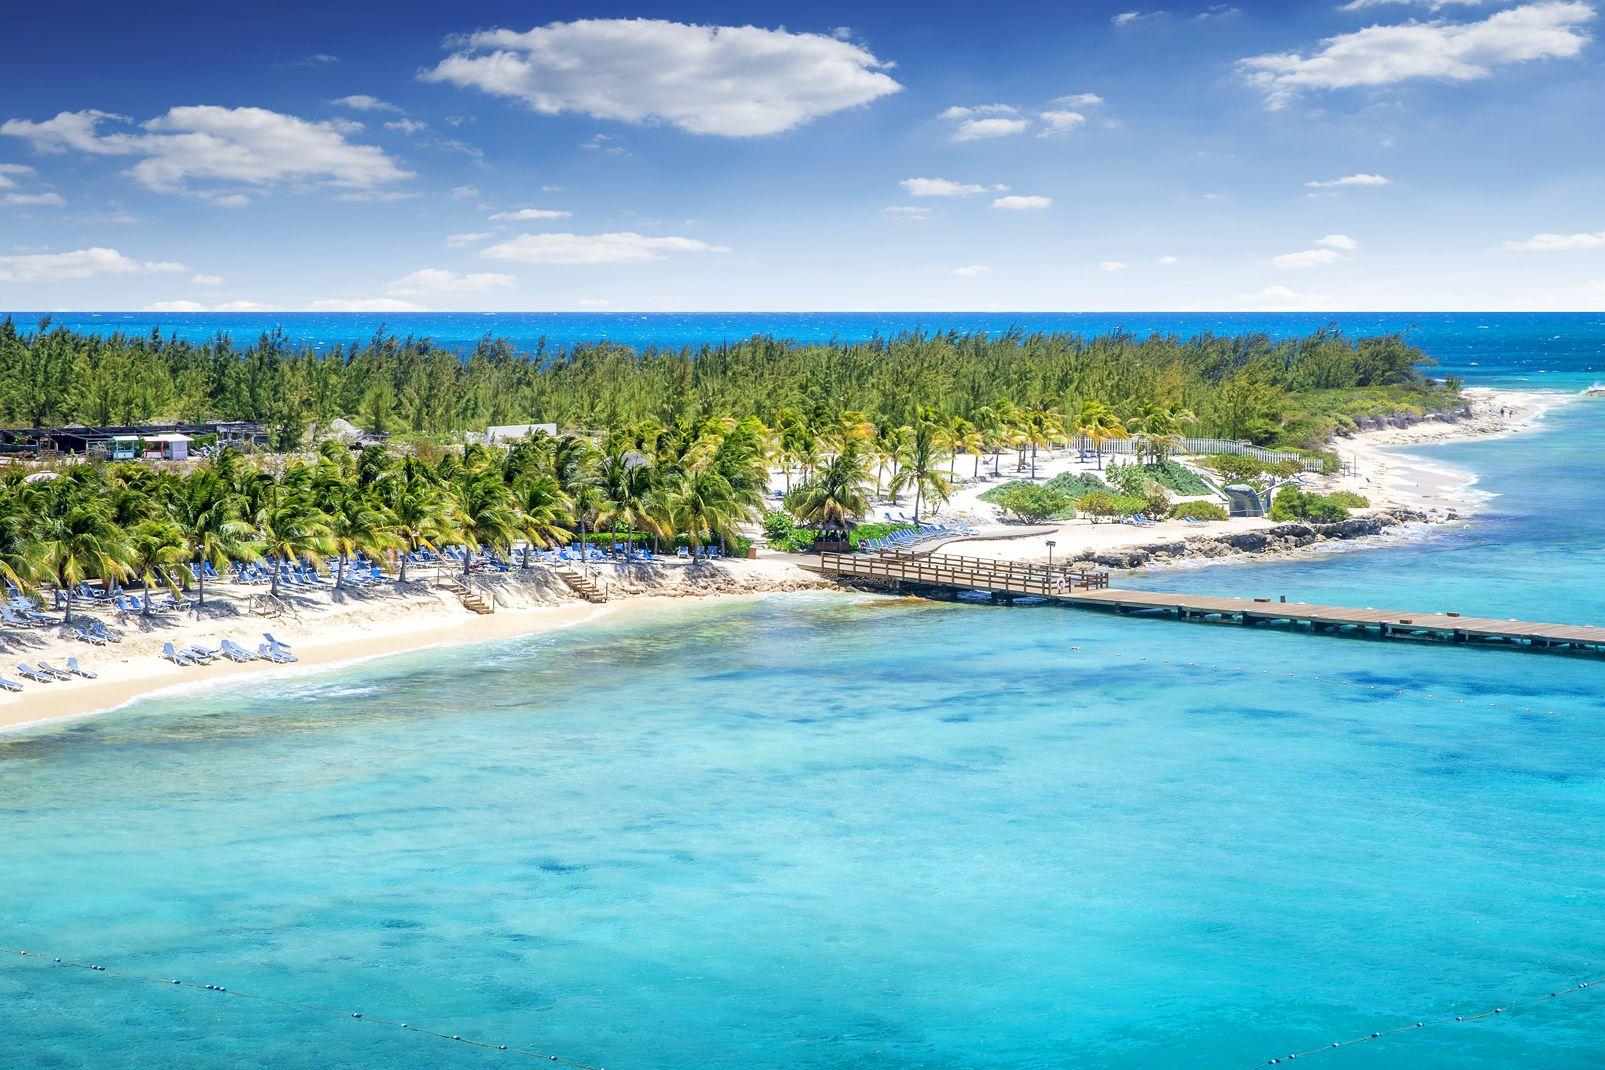 Viaggi Turks e Caicos  Guida Turks e Caicos con Easyviaggio